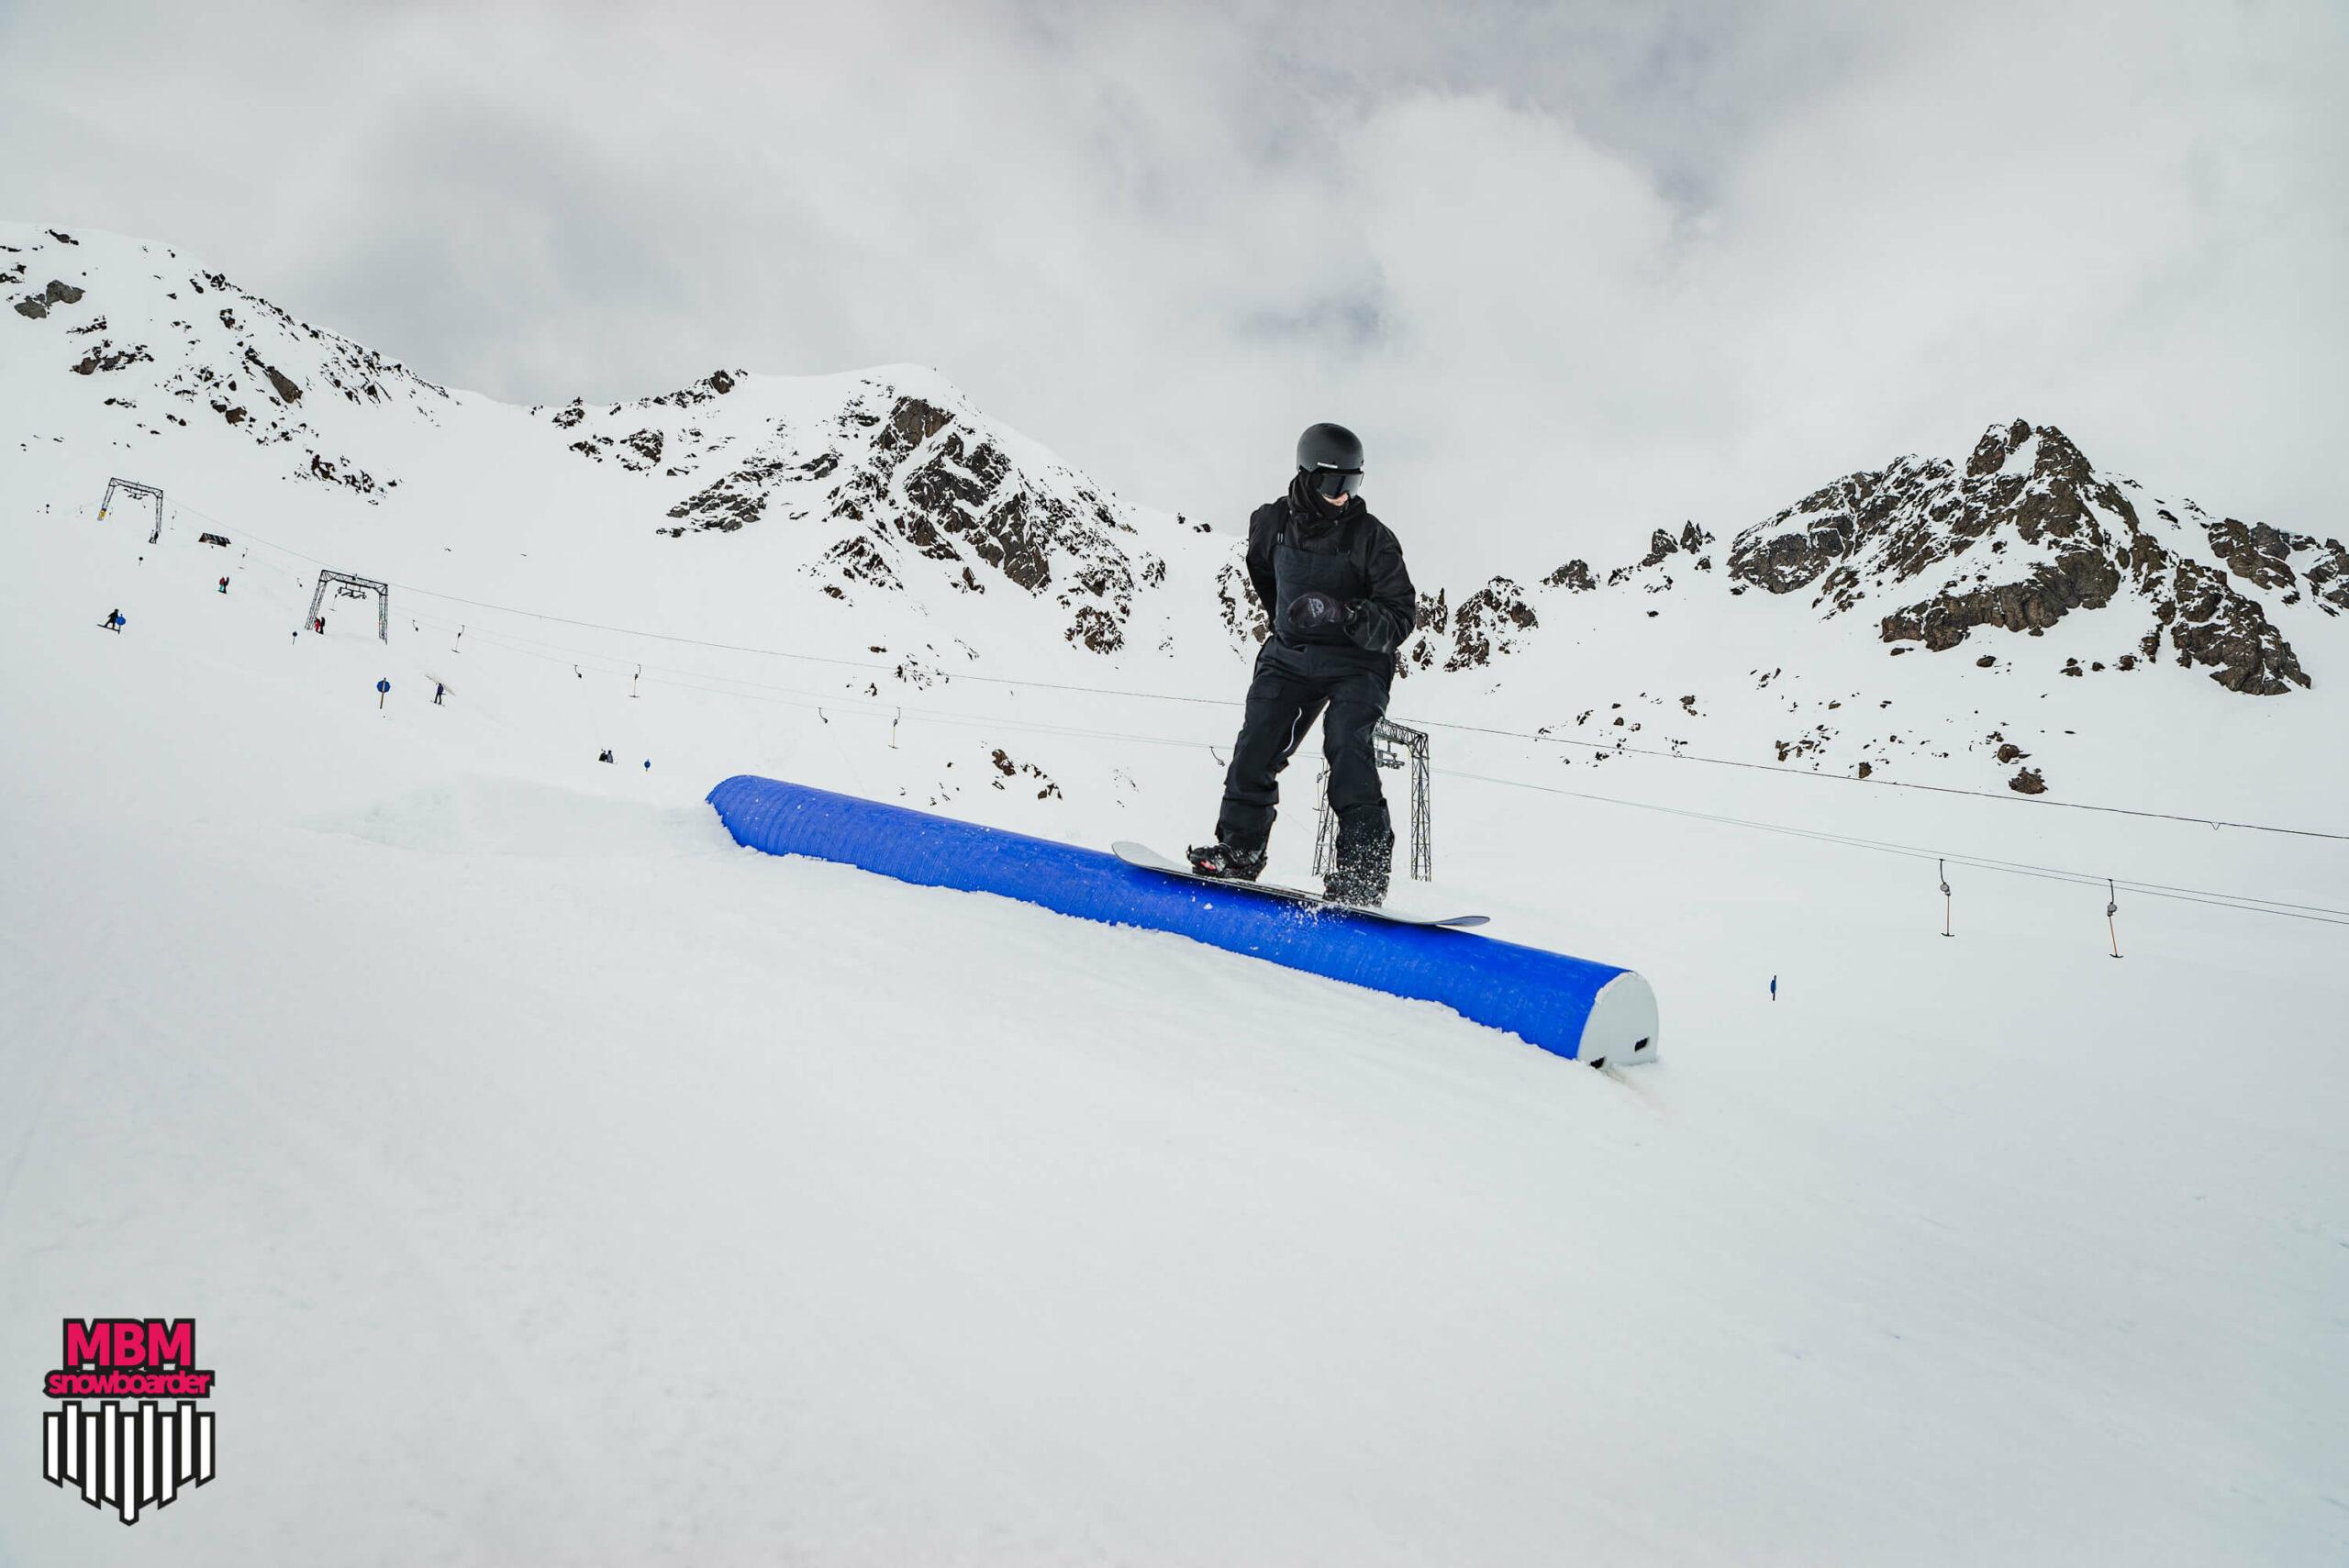 snowboarderMBM_sd_kaunertal_007